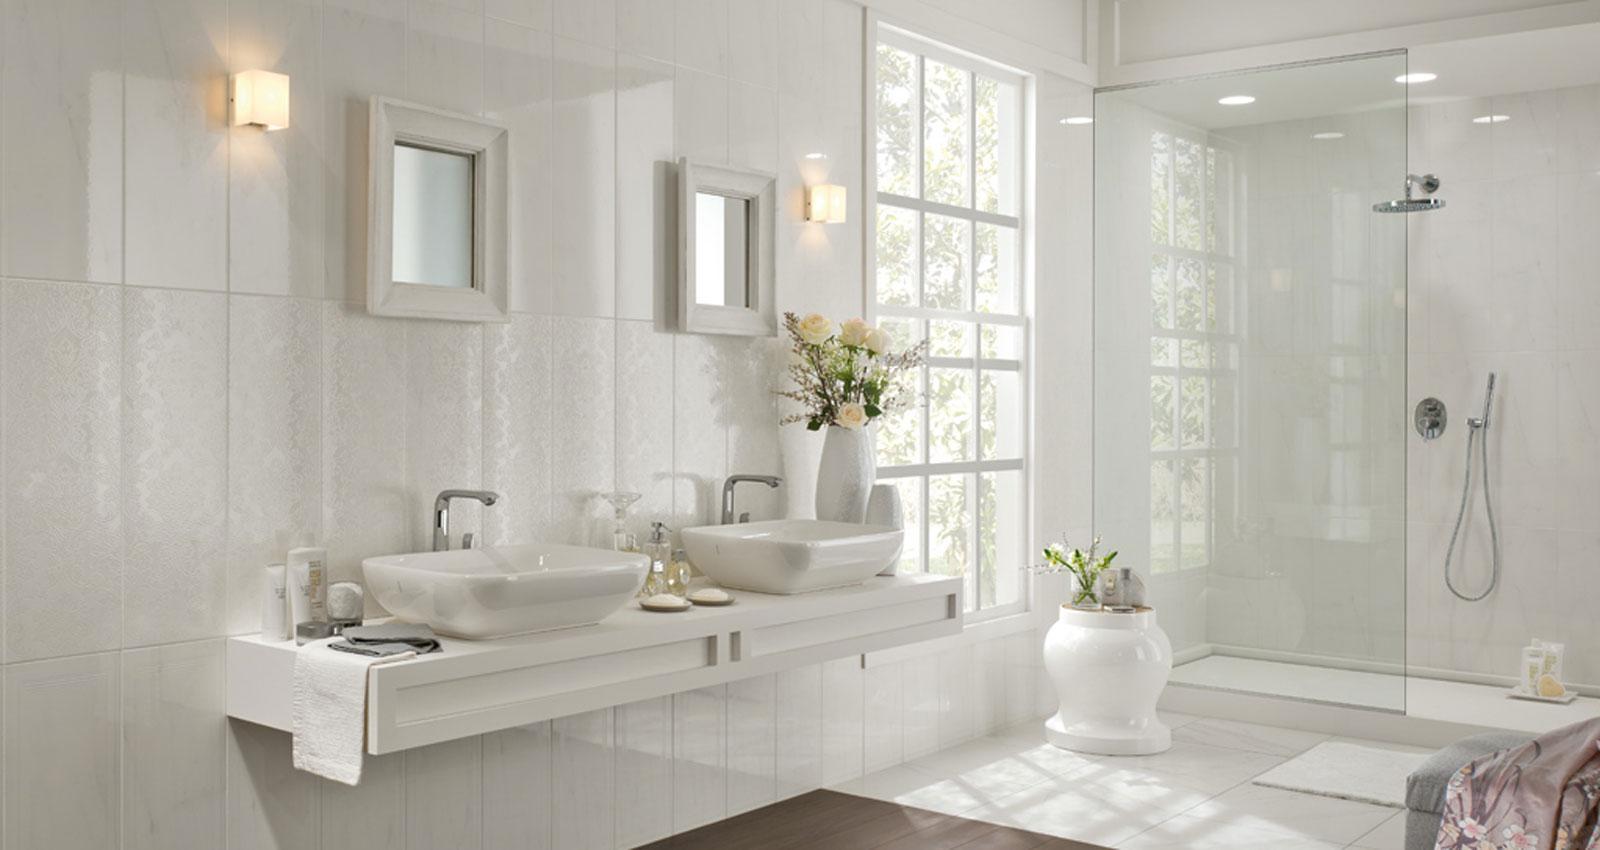 Marbleline piastrelle effetto marmo marazzi - Pavimenti e rivestimenti bagno prezzi ...